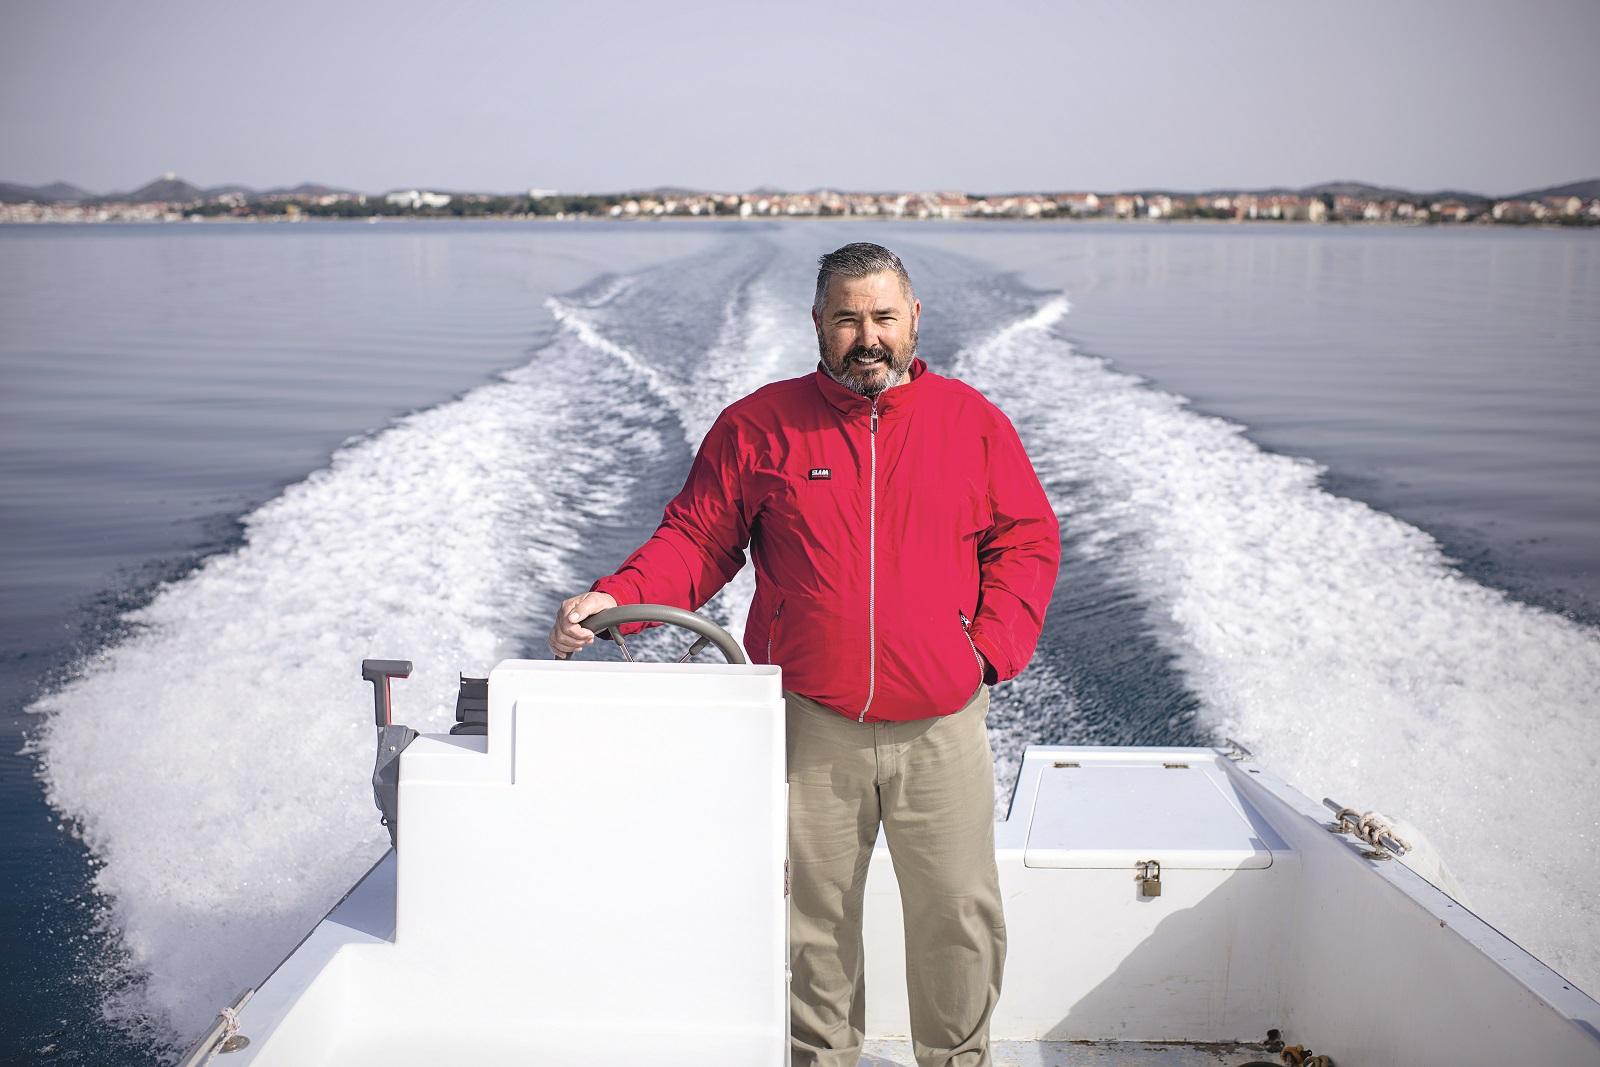 Lino Vlahov tvrdi da želi izgraditi ekomarinu